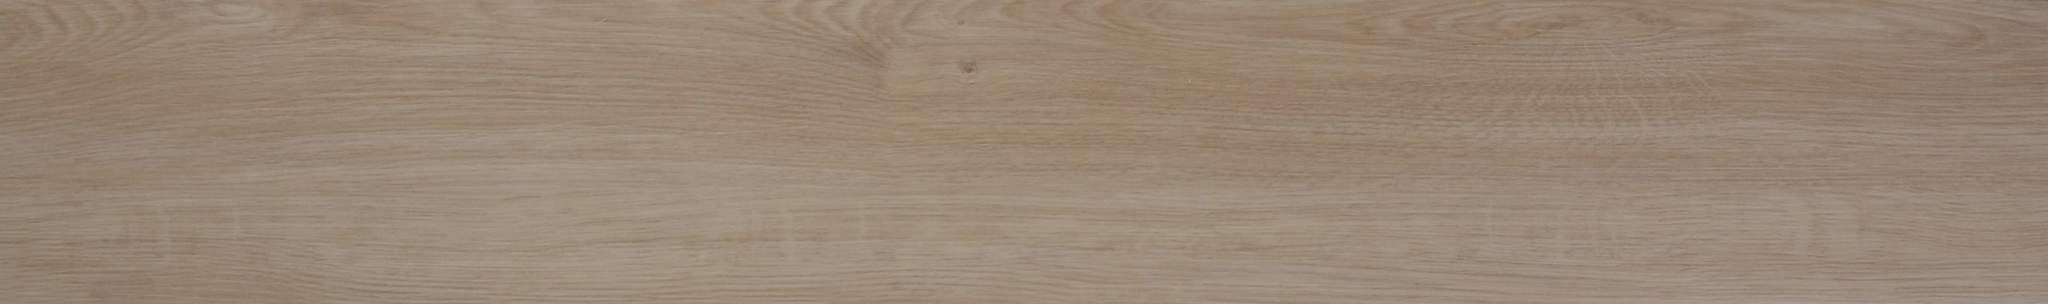 SPC плитка Evofloor Optima Dry Back - Дуб Гавана